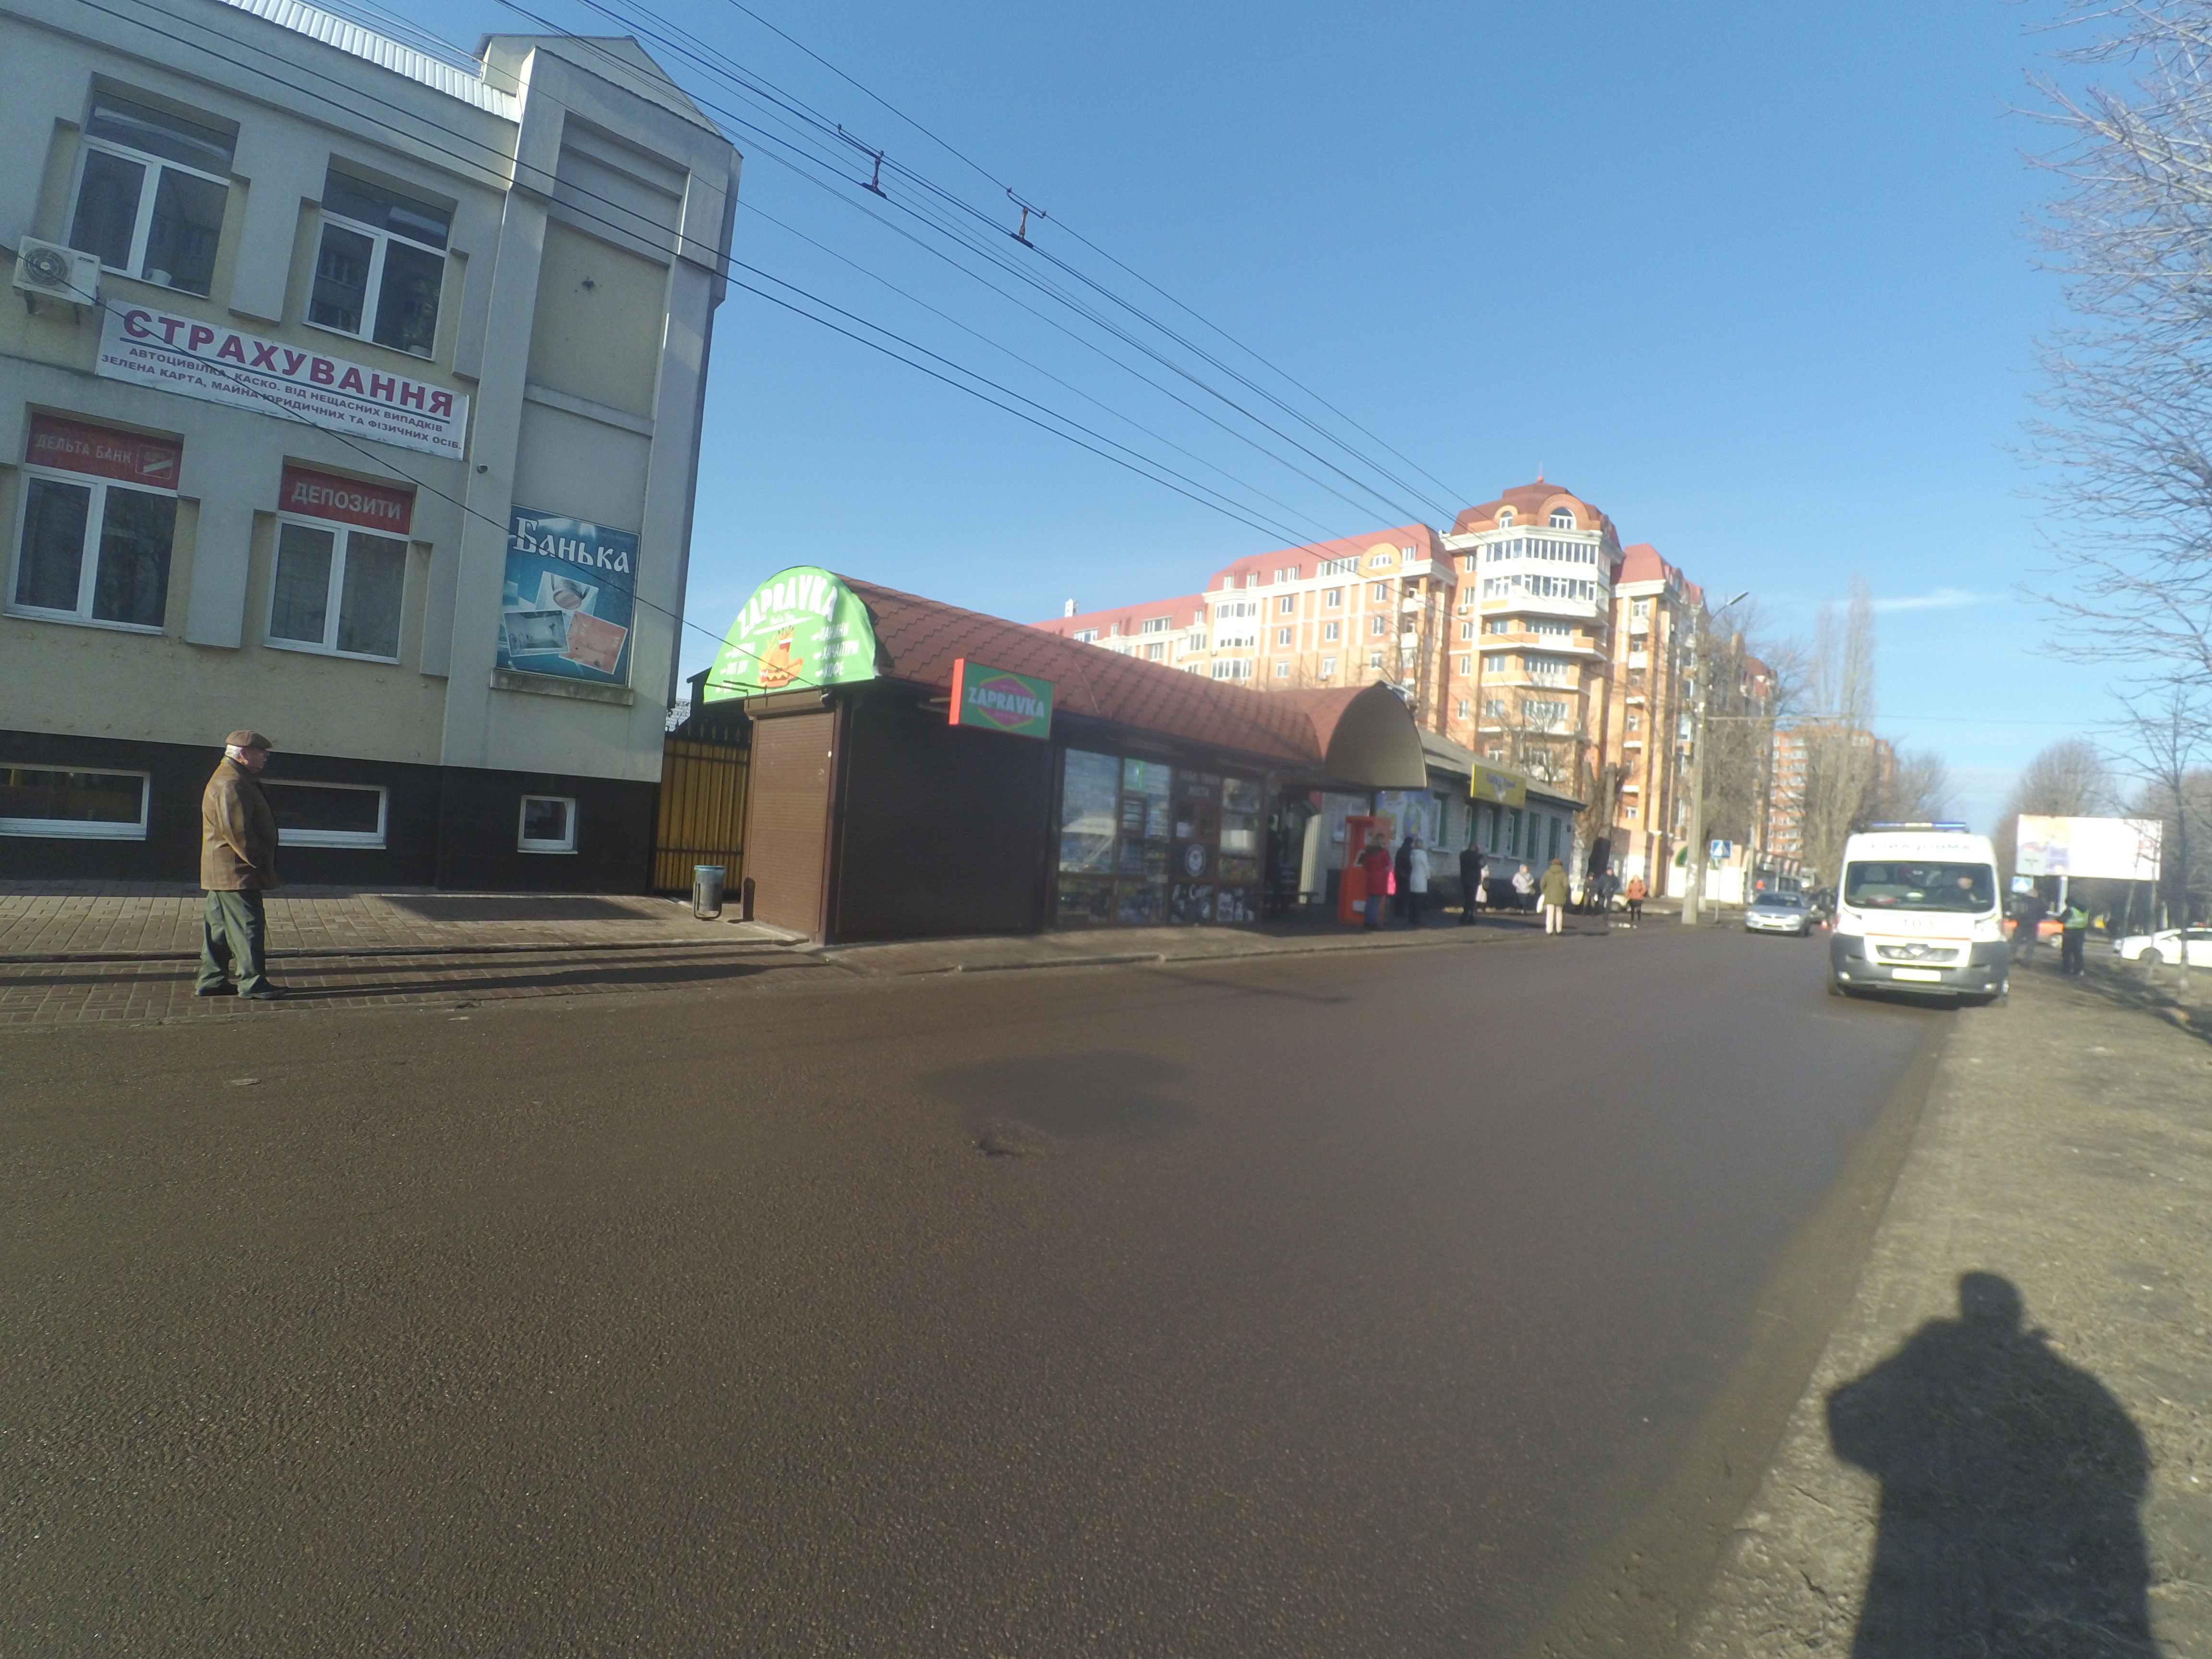 На зупинці Пушкіна в Черкасах по булв.Шевченка побудували небезпечний МАФ